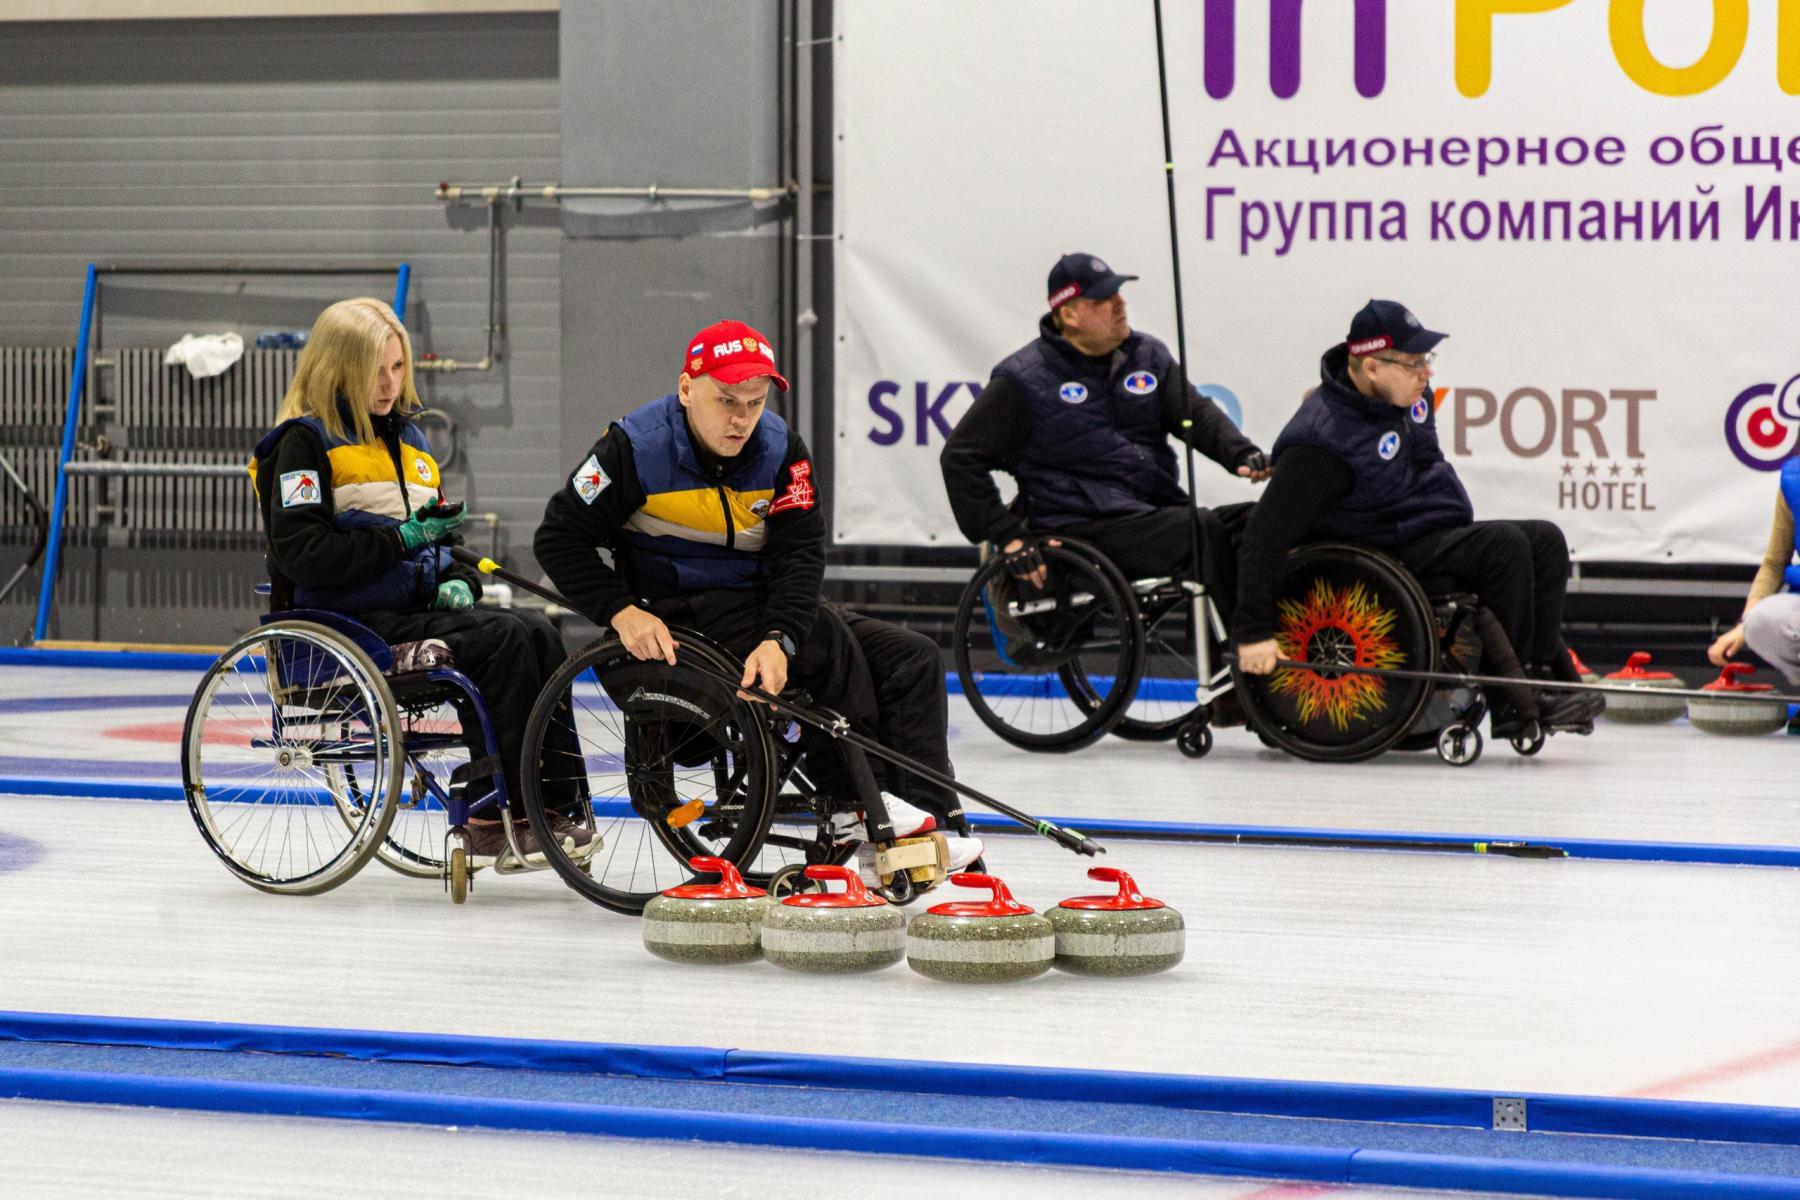 фото В Новосибирске прошли первые соревнования по кёрлингу на колясках 2